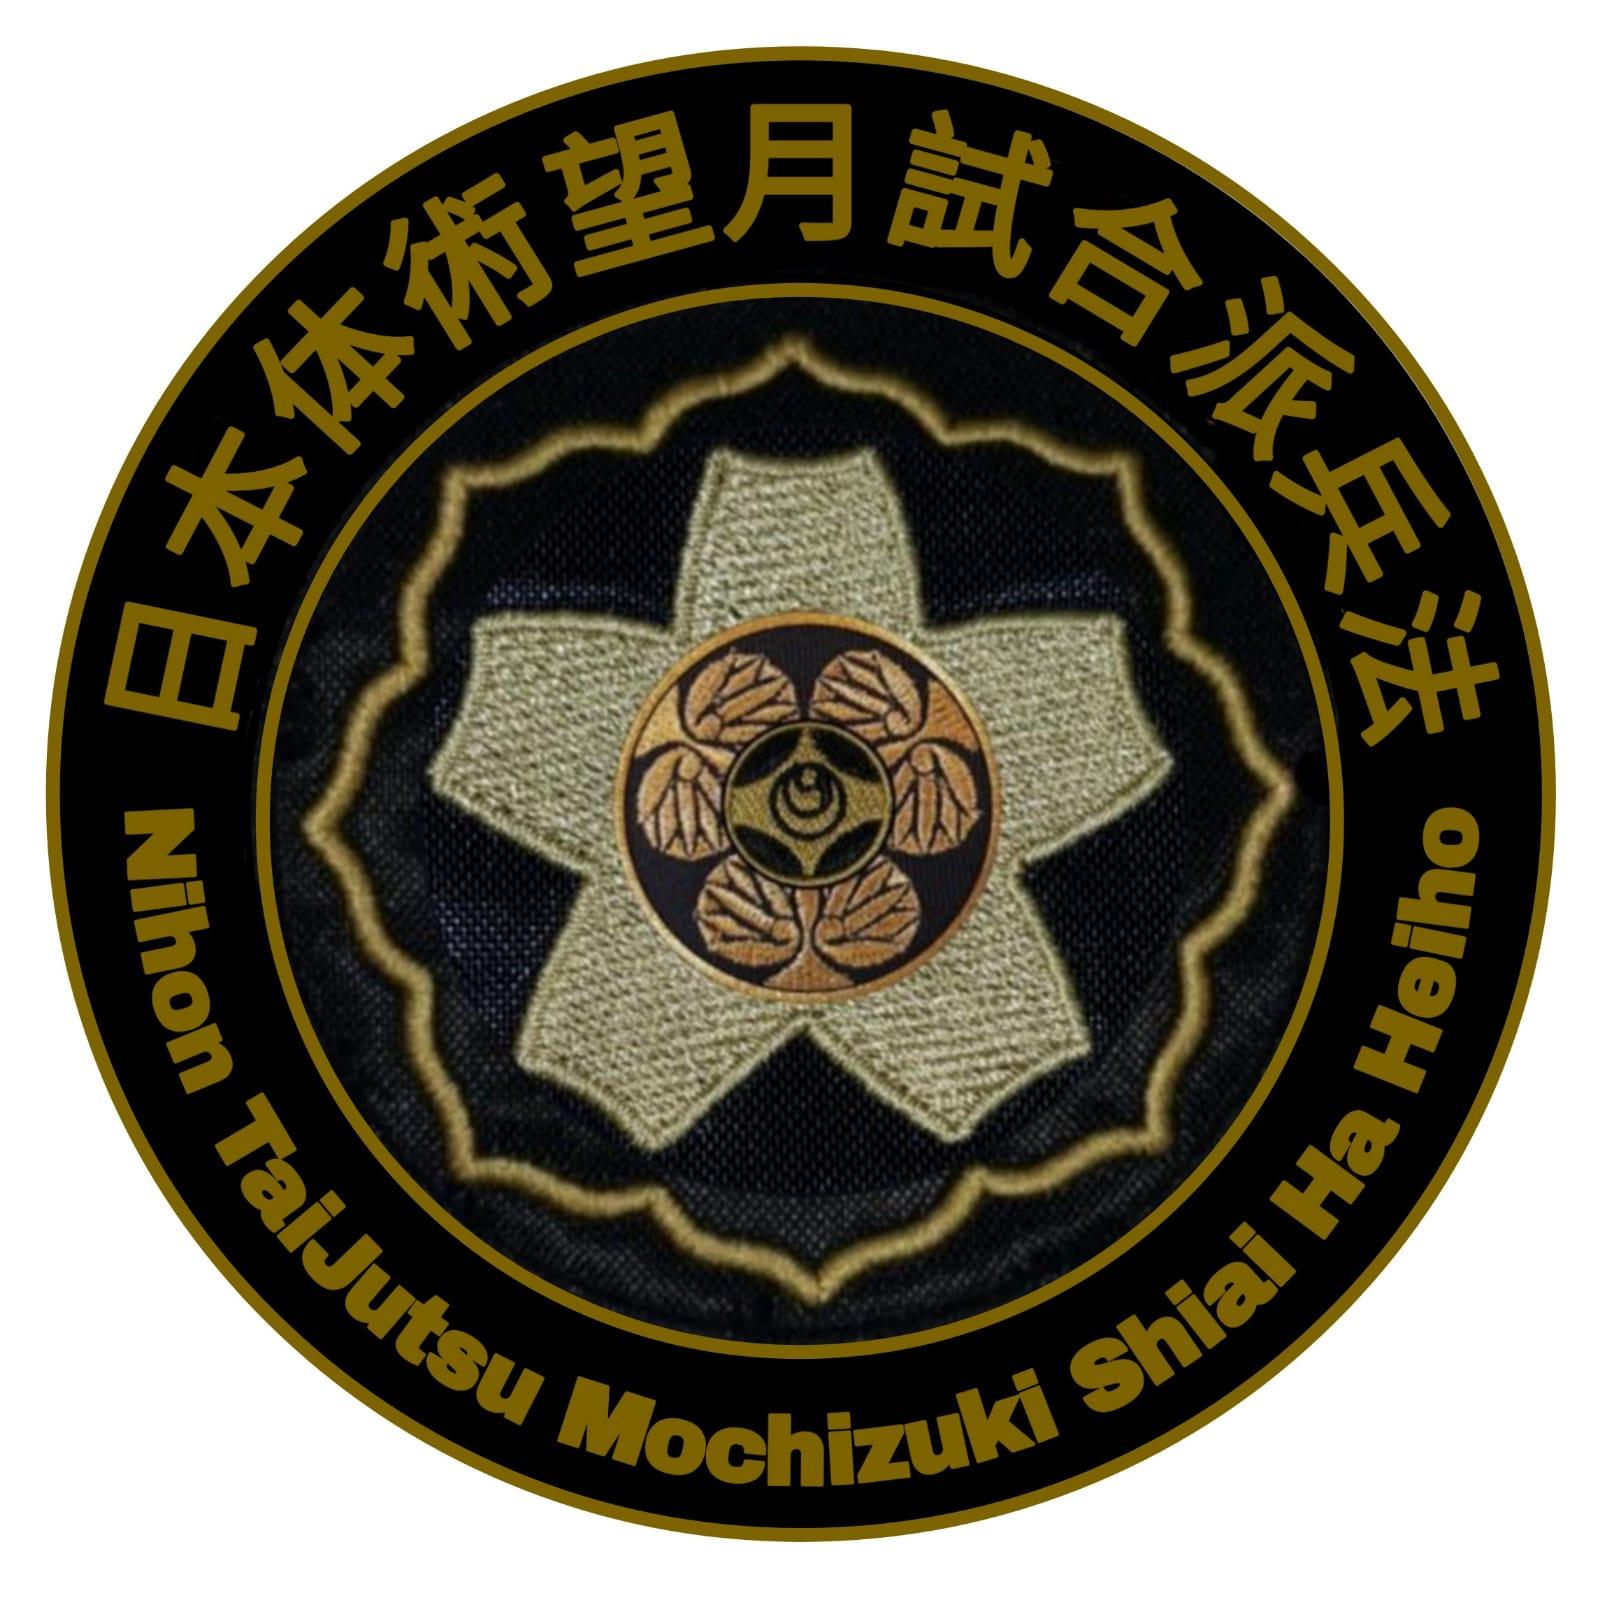 Dojo Tai-Zen-Do